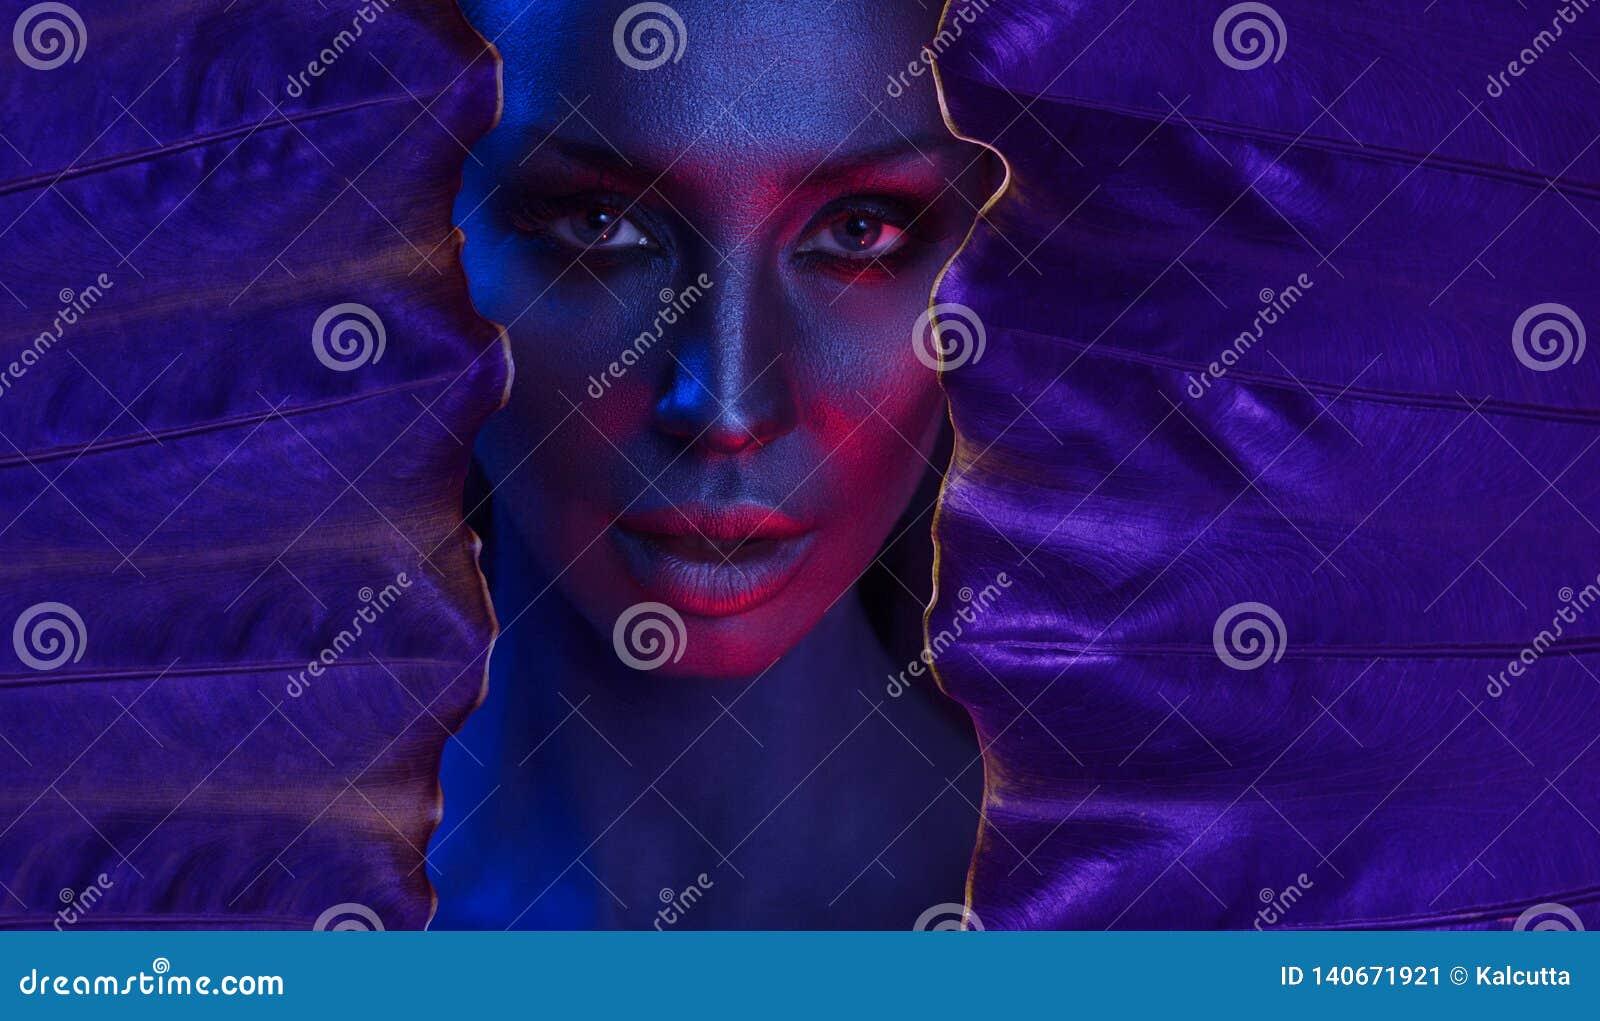 Retrato de neón del arte de la mujer joven hermosa con maquillaje místico atractivo